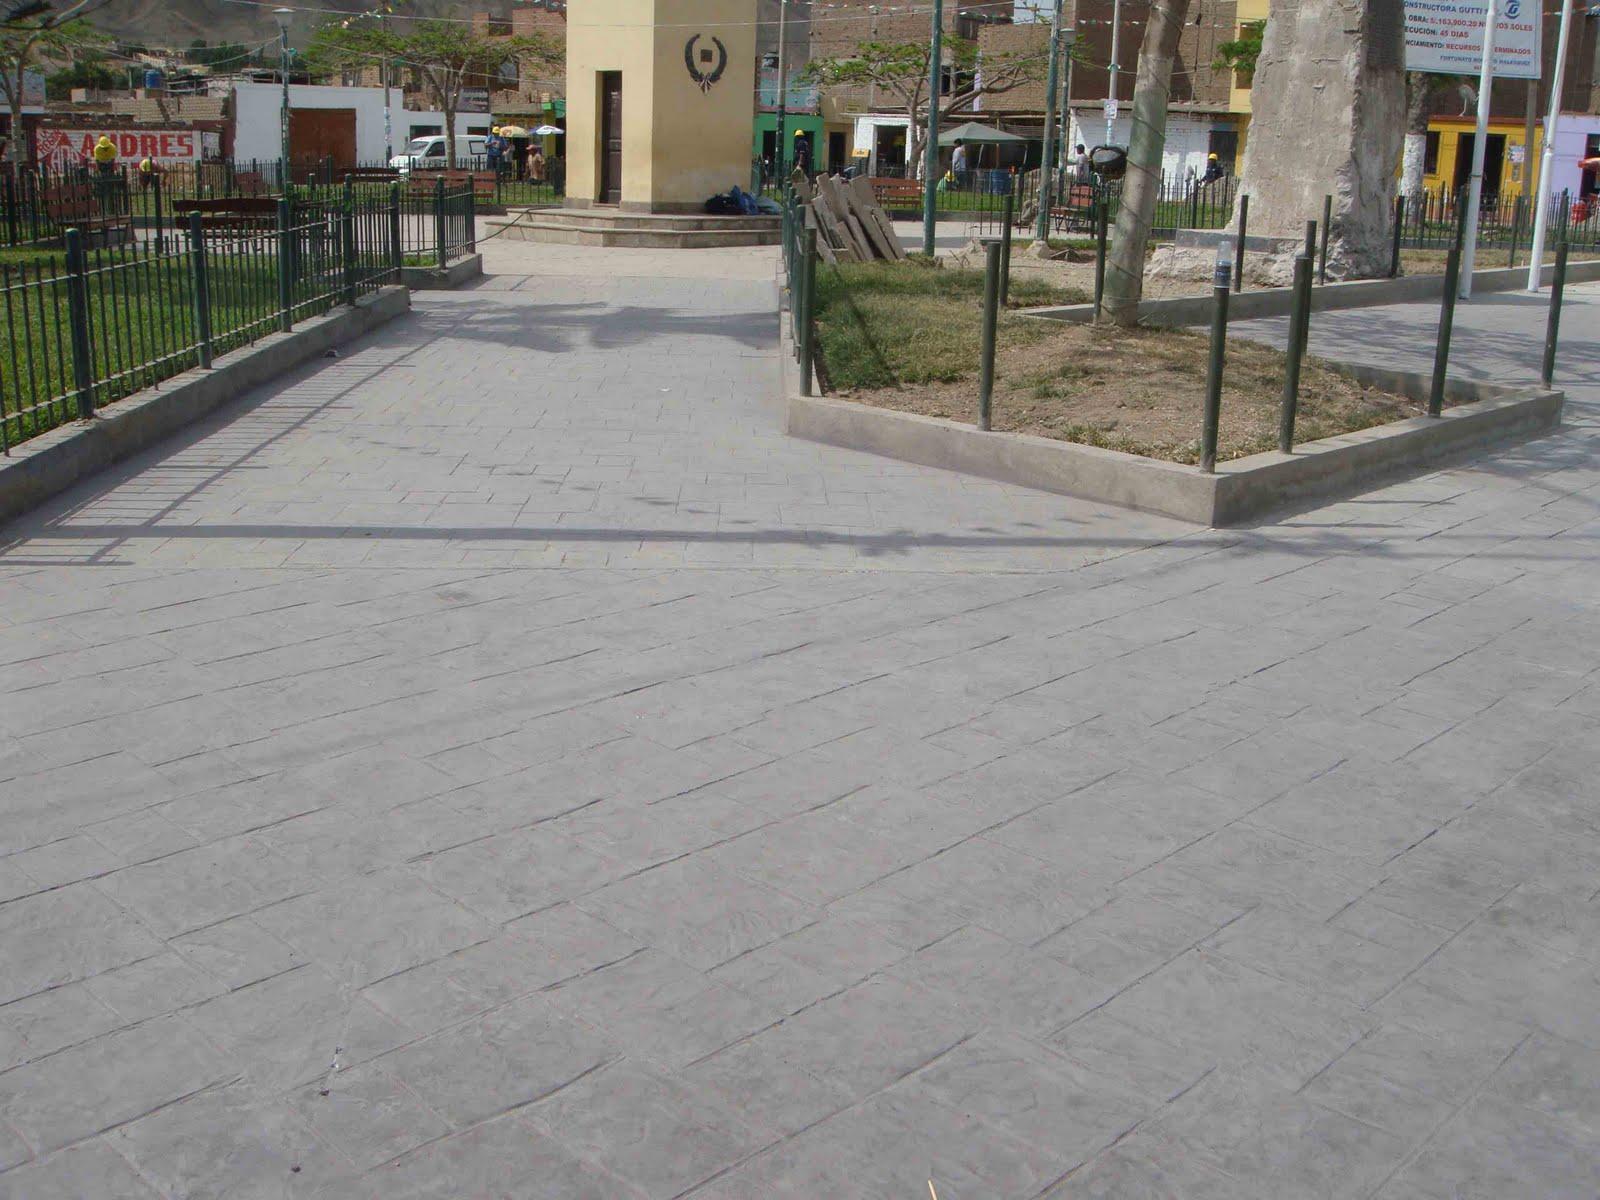 Increte per systems concreto estampado en la plaza de for Adoquin para estacionamiento